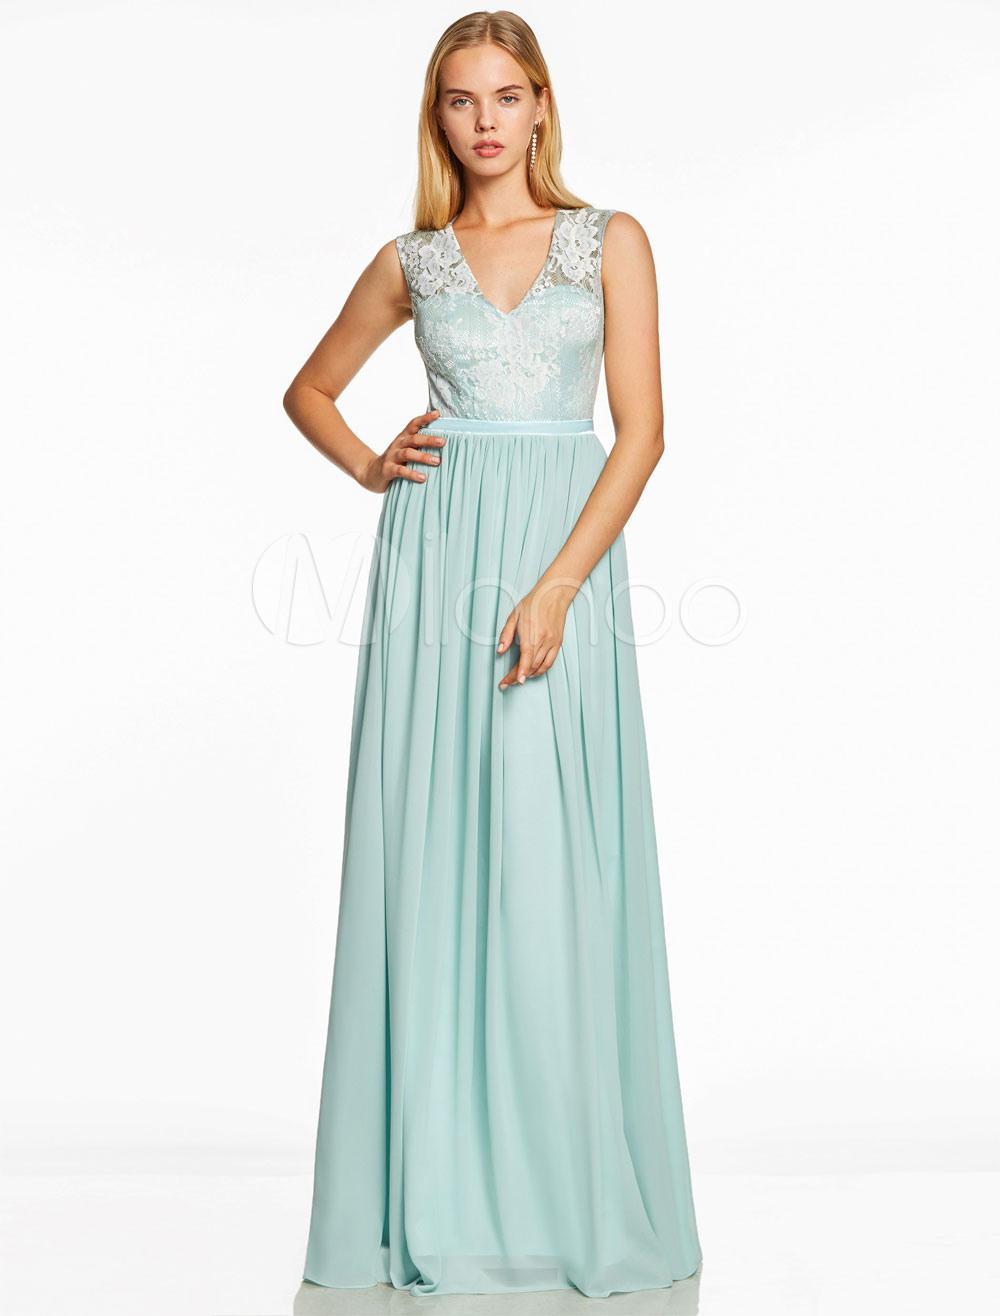 17 Einfach Kleid Mintgrün Lang Boutique15 Schön Kleid Mintgrün Lang Ärmel